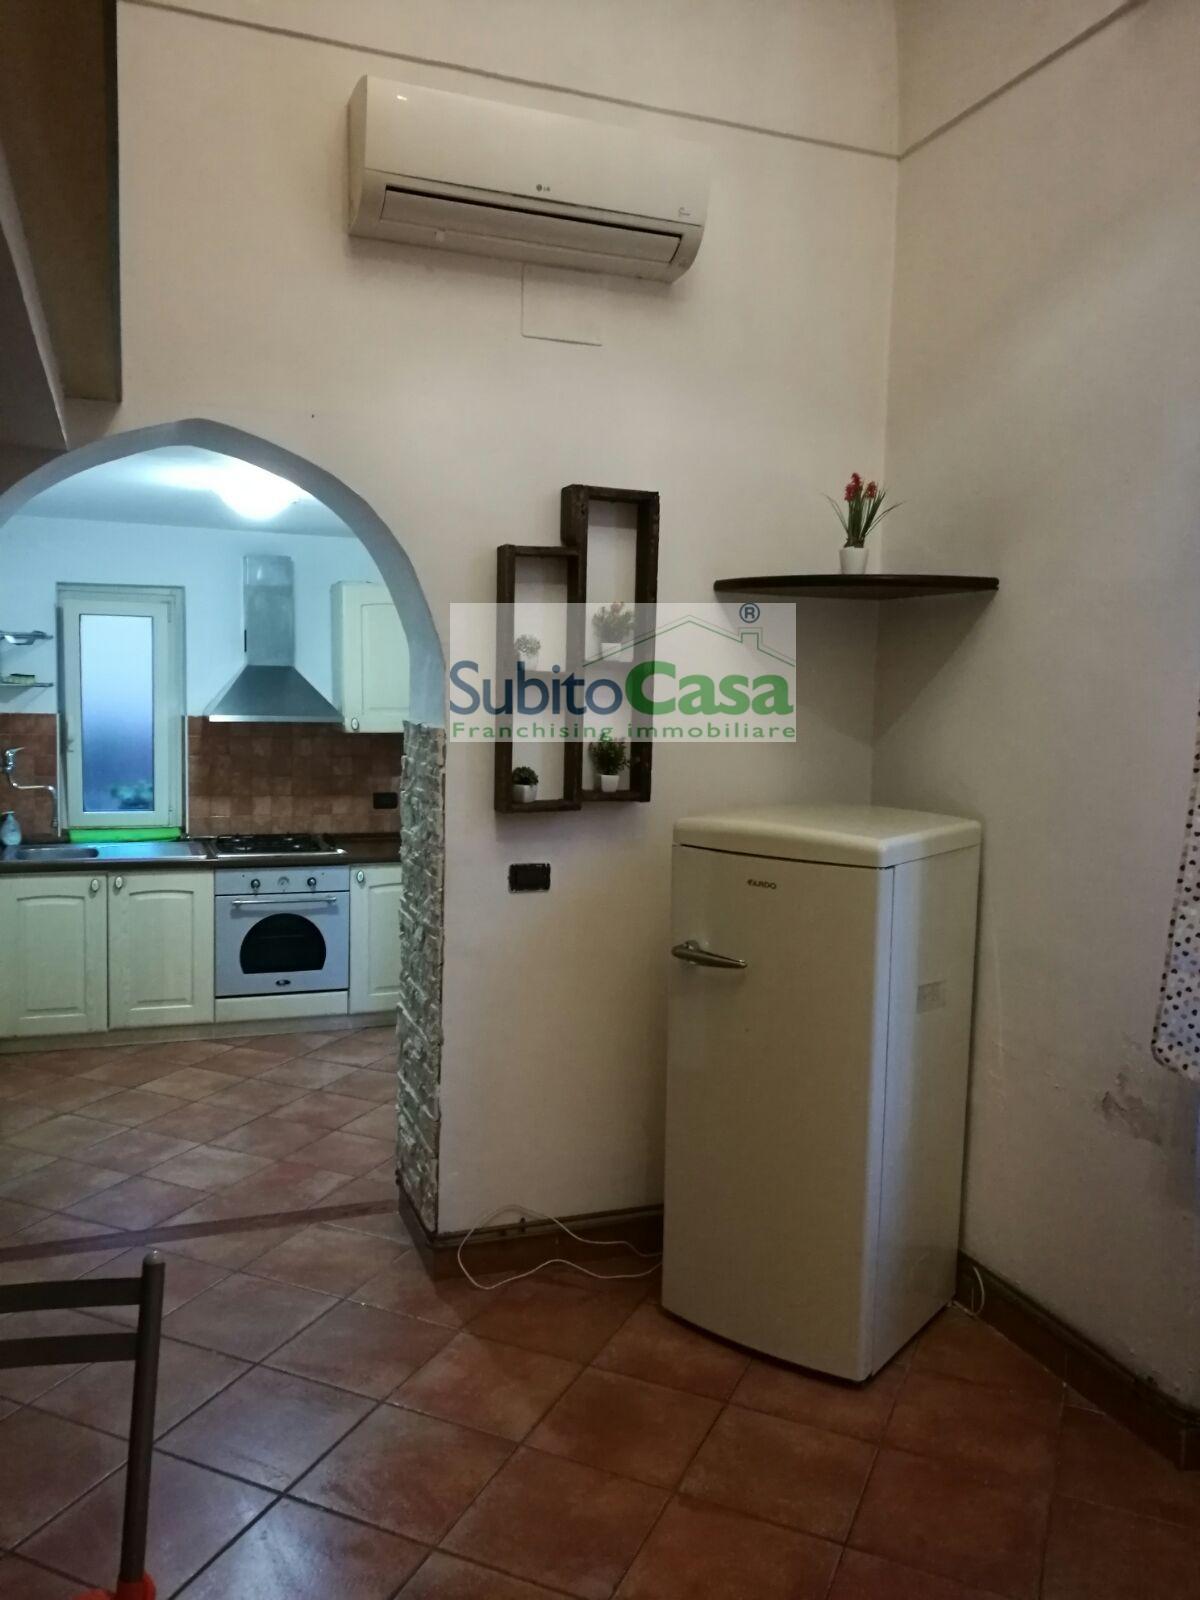 Bilocale Pescara Via Ciro Menotti 7